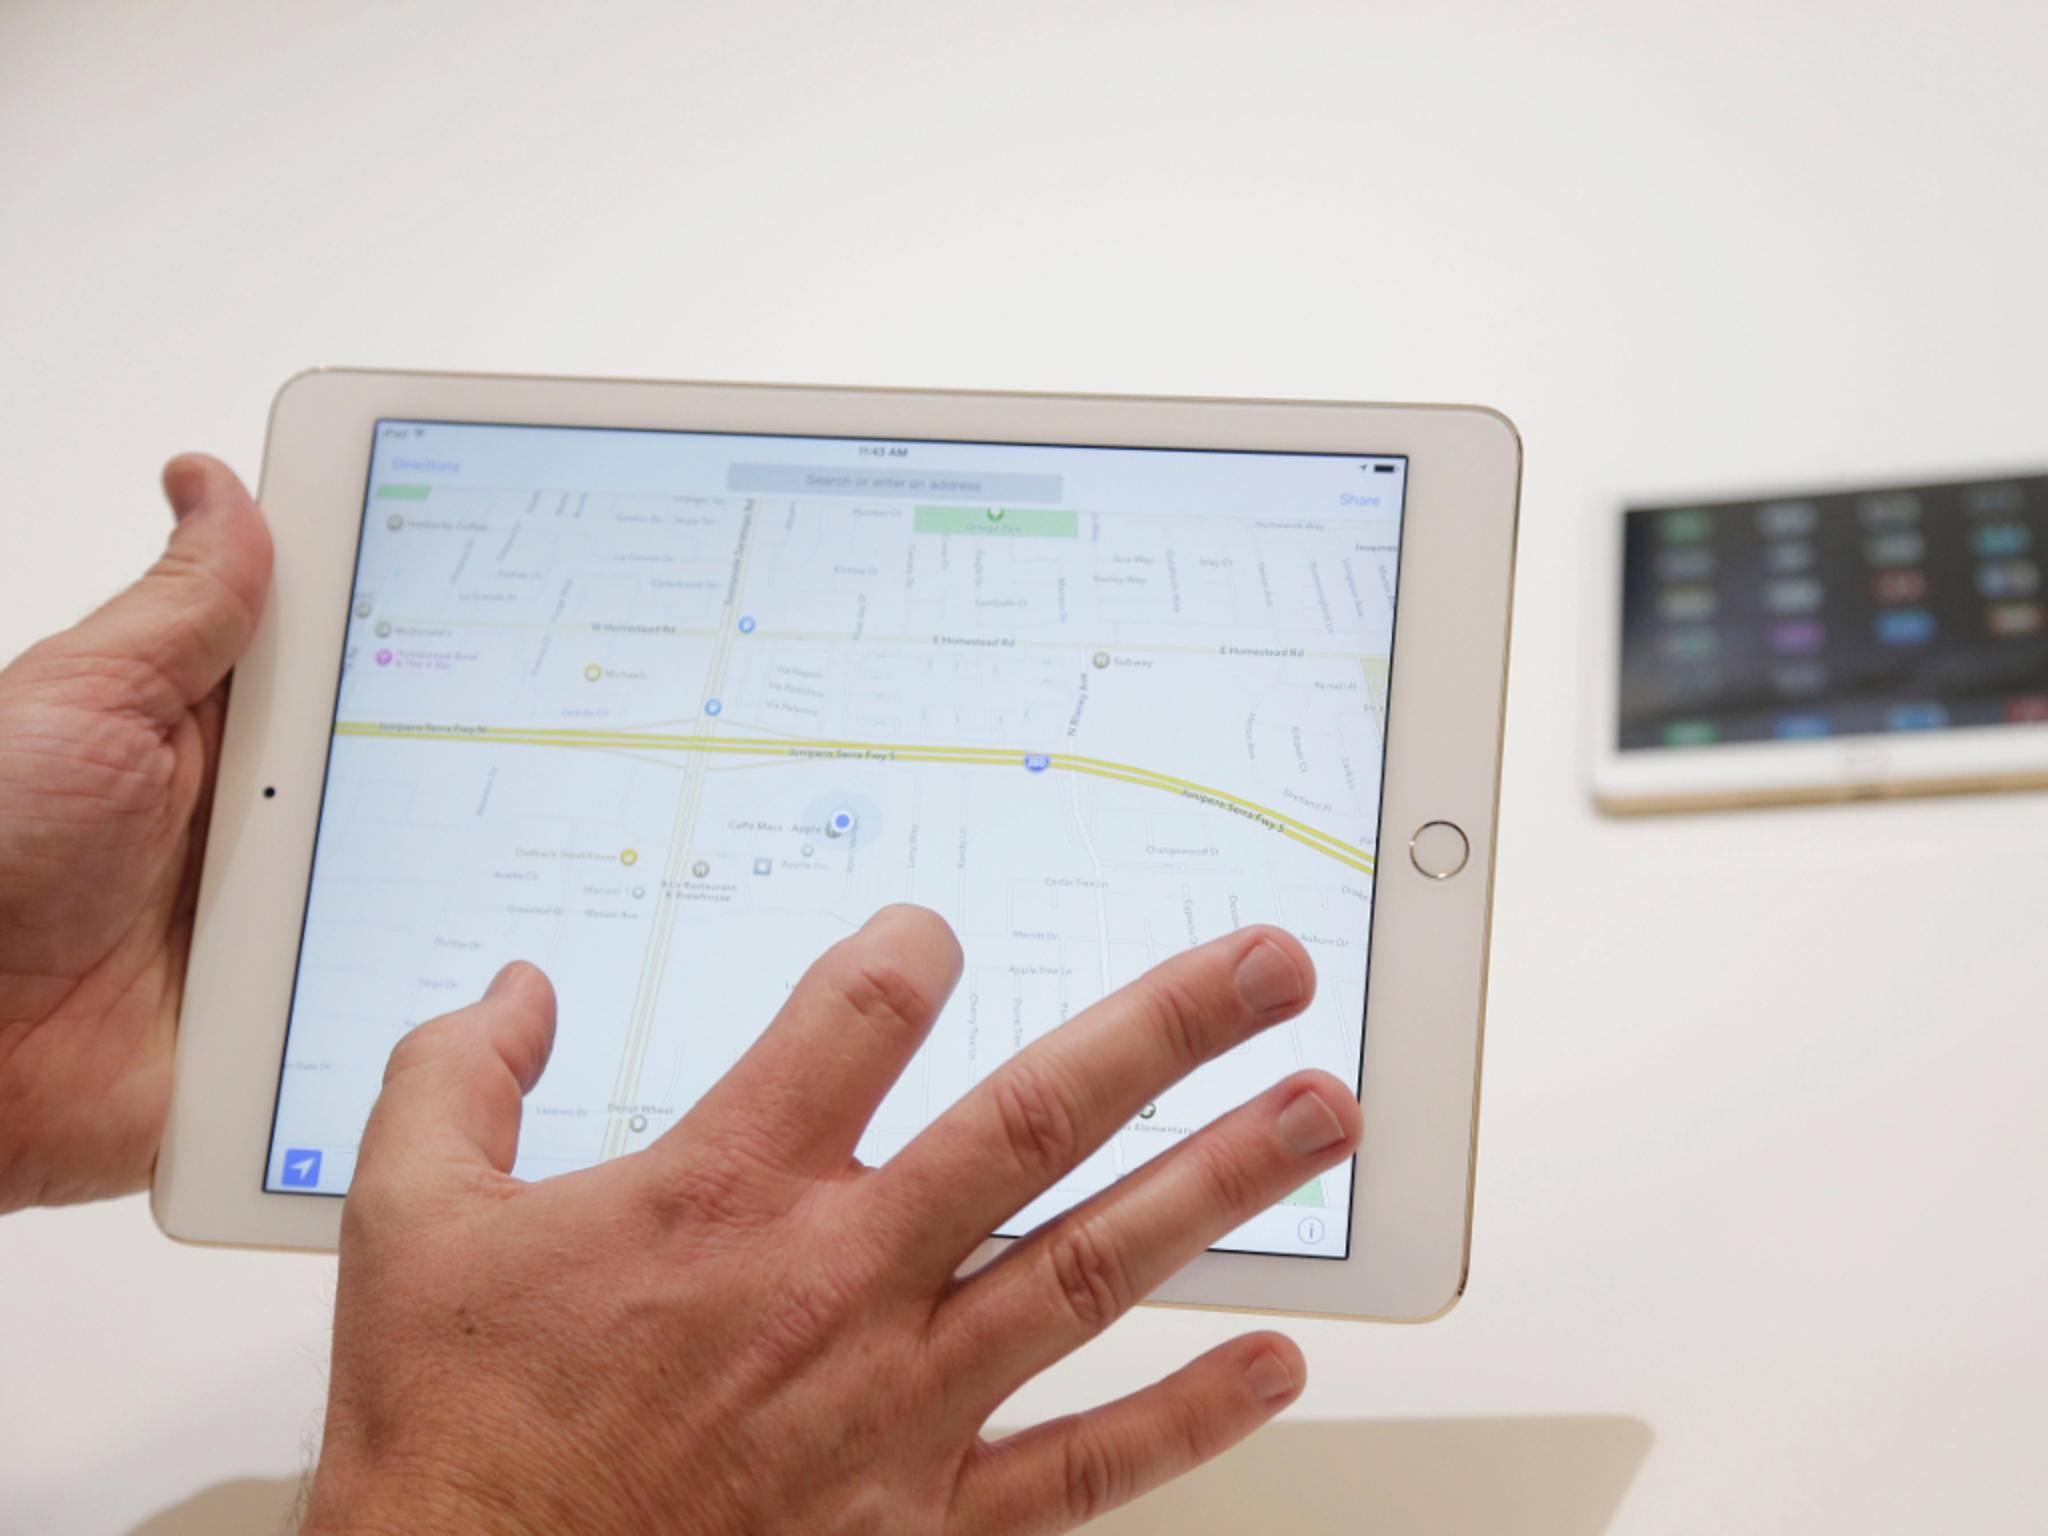 Das iPad Pro soll noch deutlich größer als das iPad Air ausfallen.